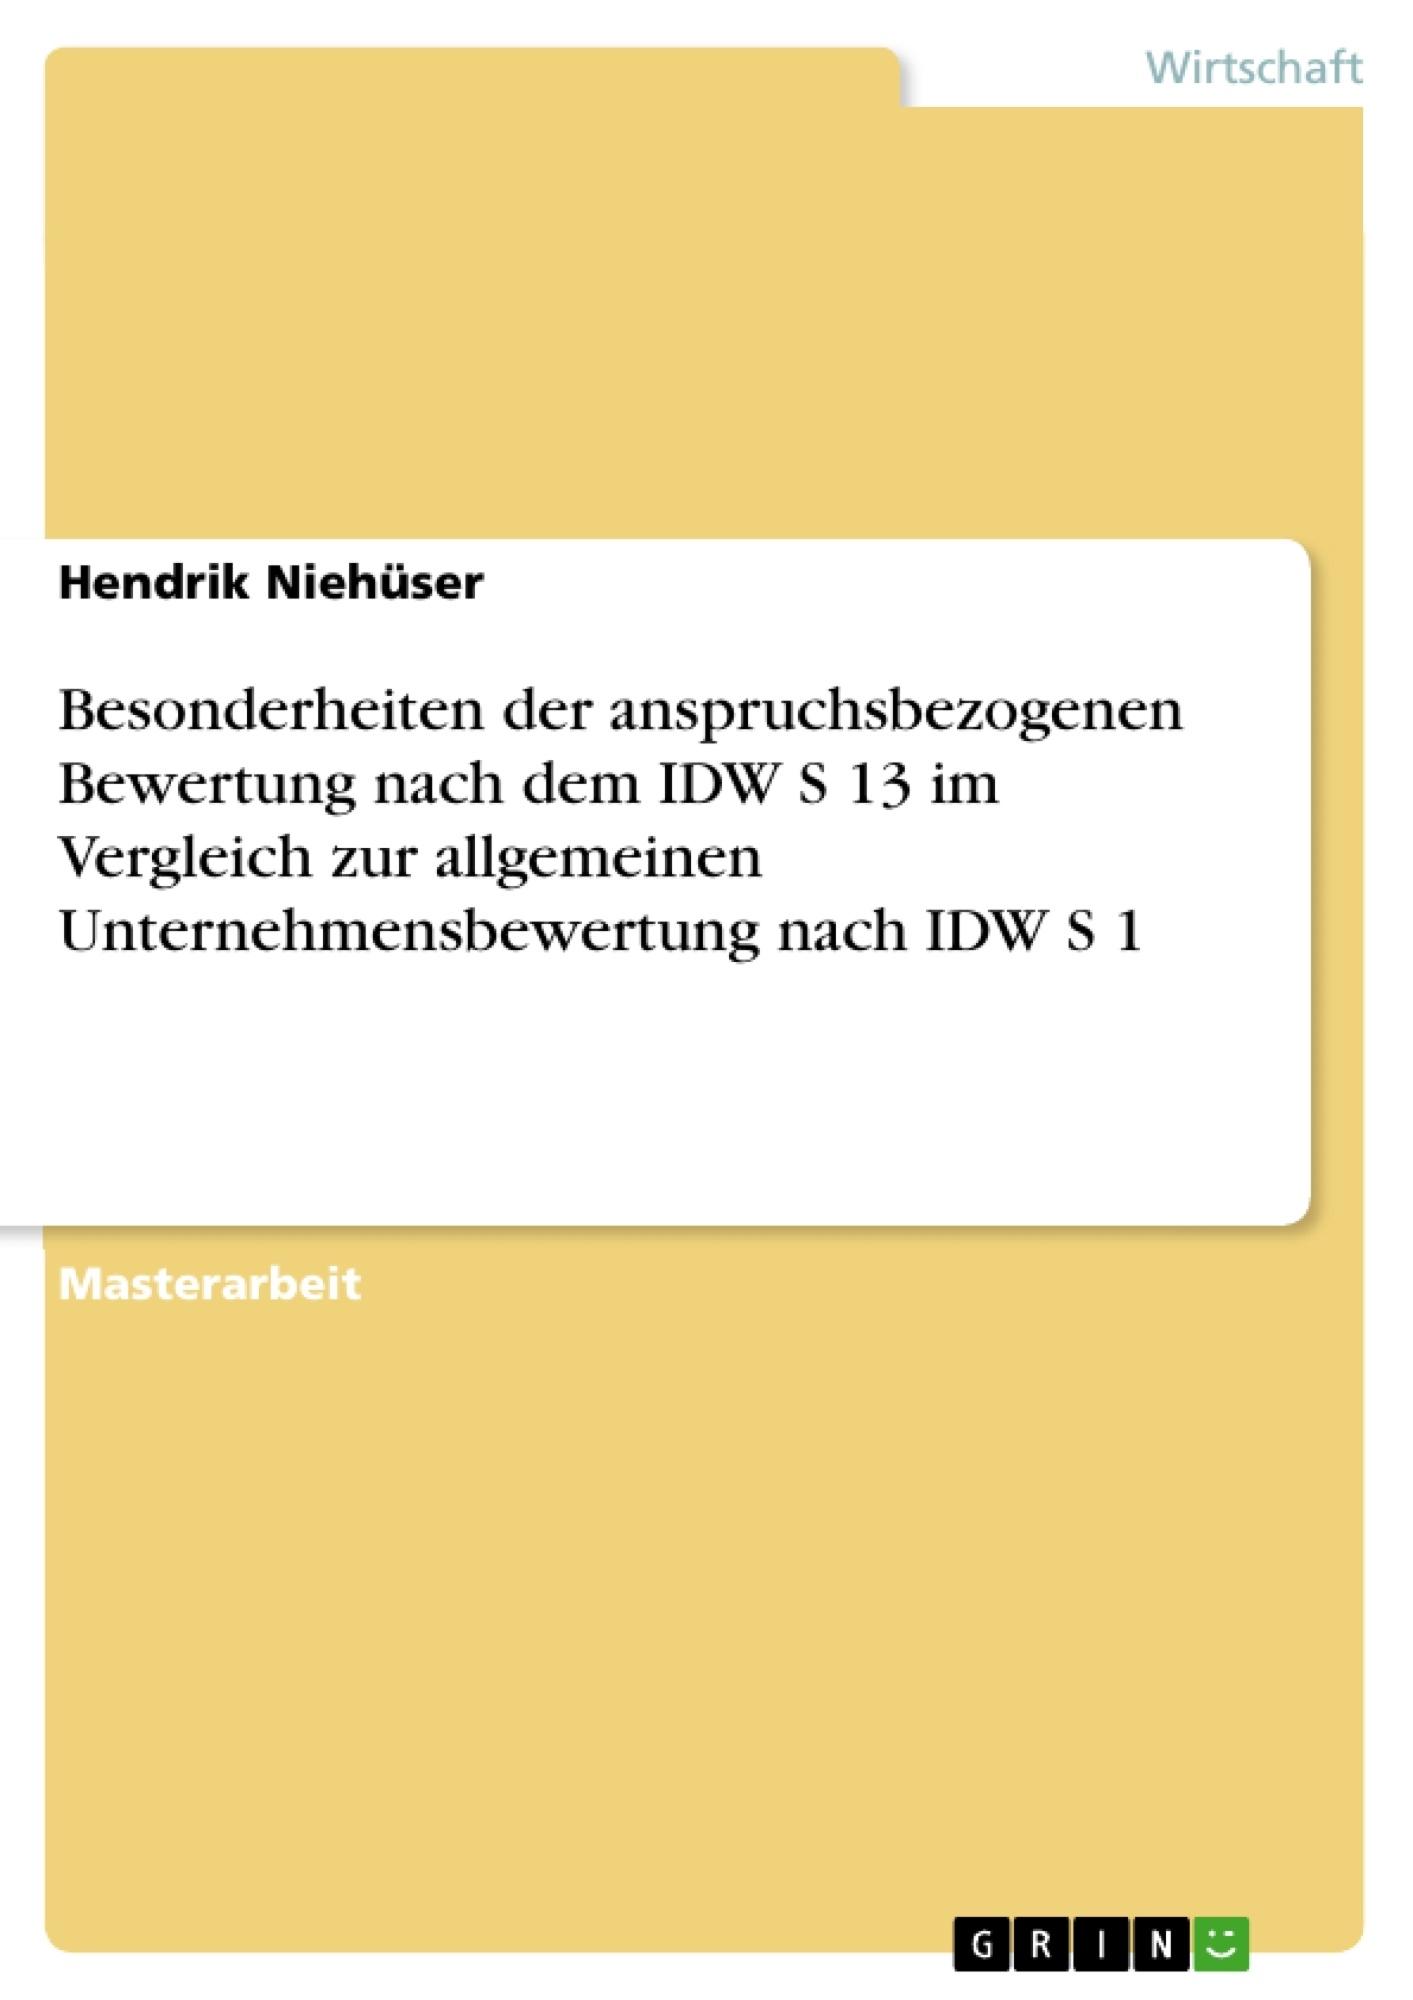 Titel: Besonderheiten der anspruchsbezogenen Bewertung nach dem IDW S 13 im Vergleich zur allgemeinen Unternehmensbewertung nach IDW S 1